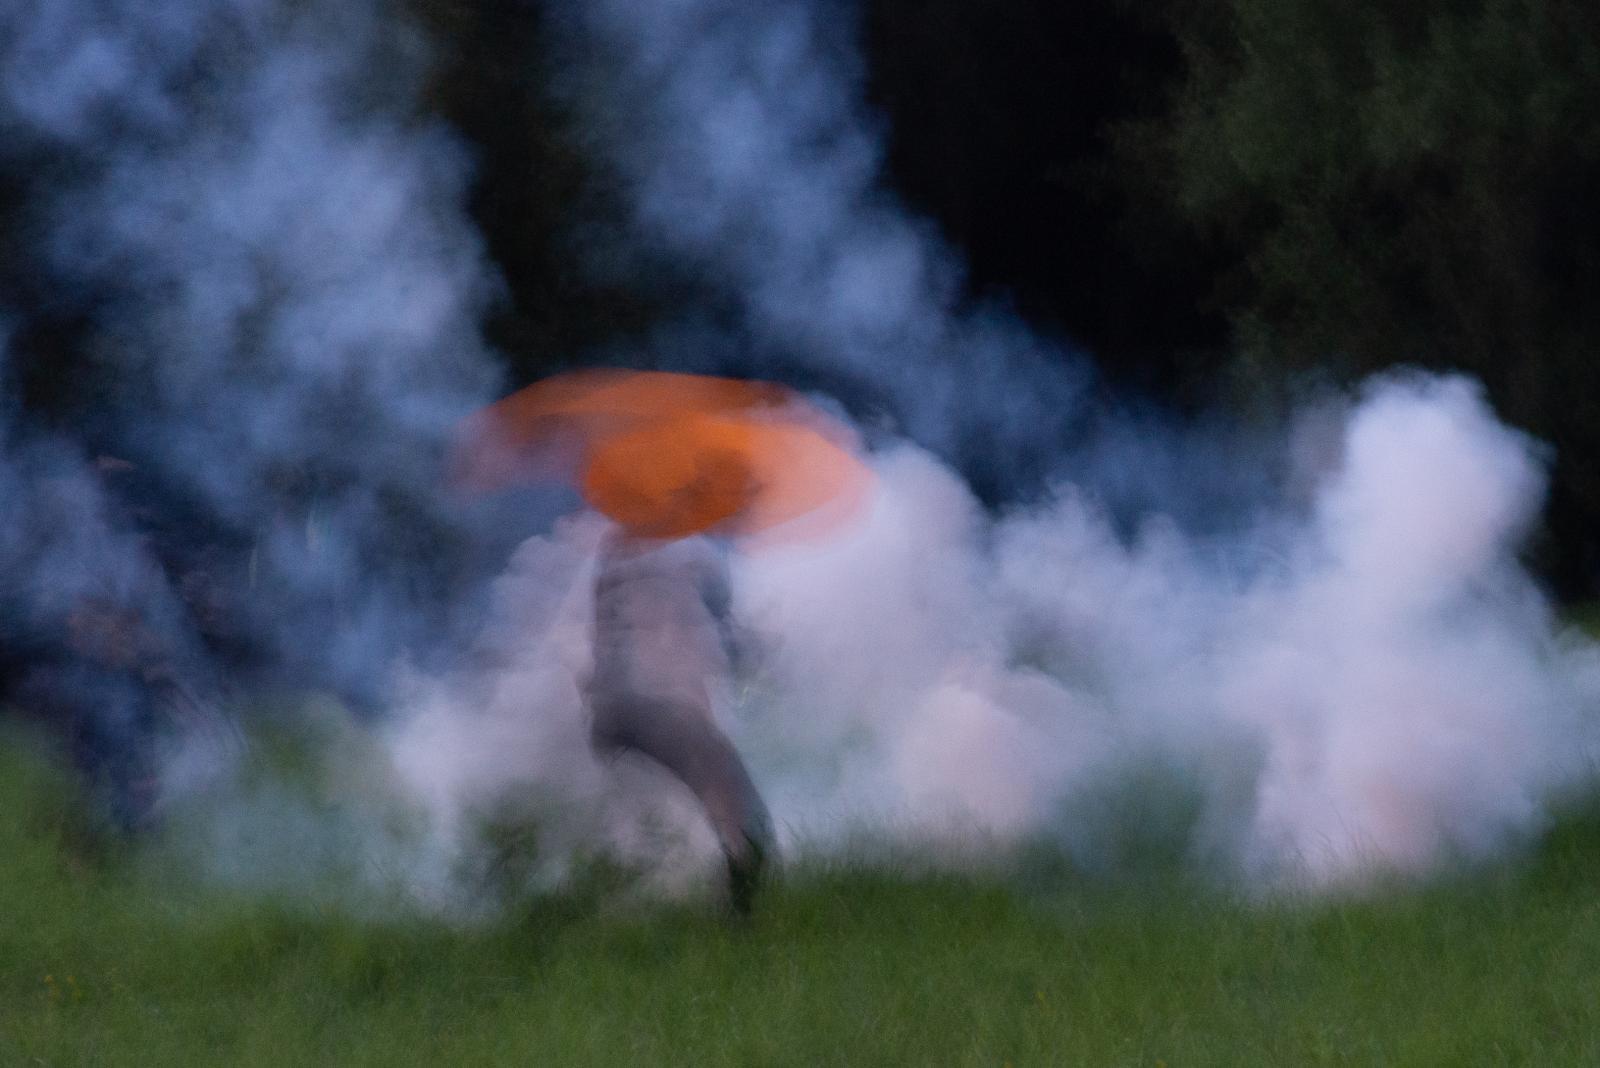 Vendredi 23 août 2019 - Aux abords du campement des opposants au G7, un homme tente de se protéger des tirs lacrymogènes avec un parapluie. [G7 2019 de Biarritz]